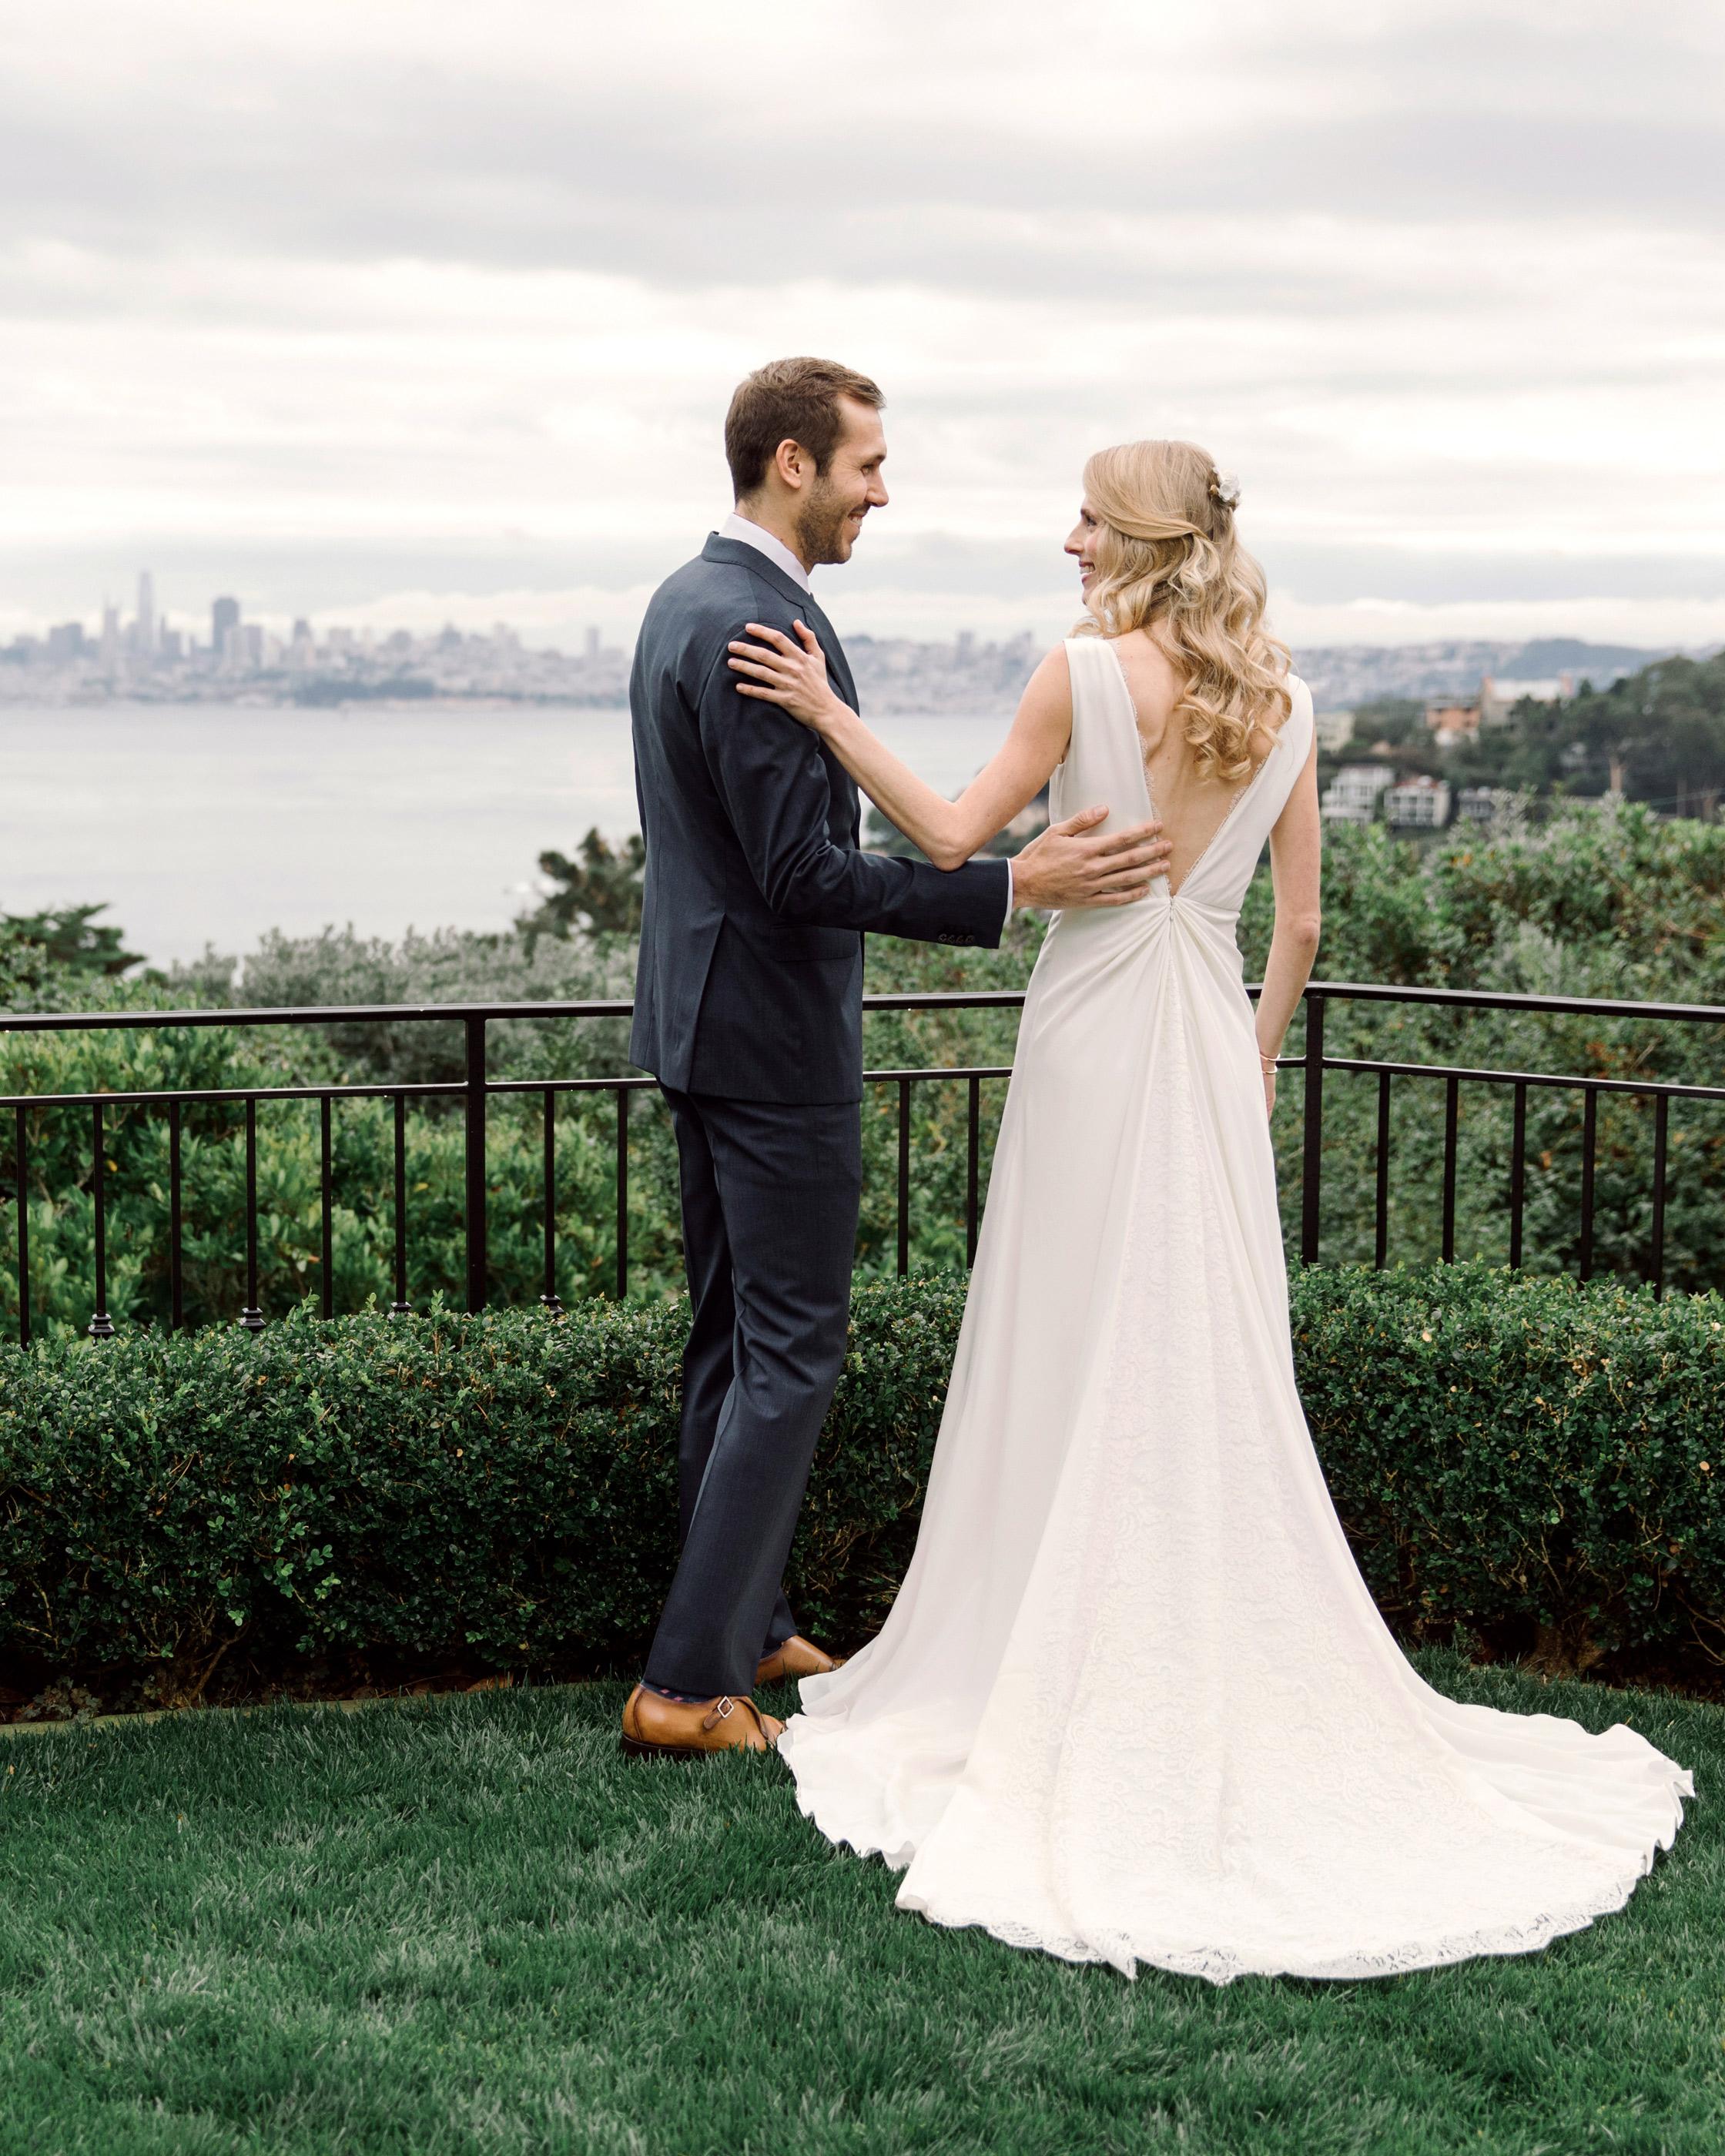 gillian marcus wedding first look